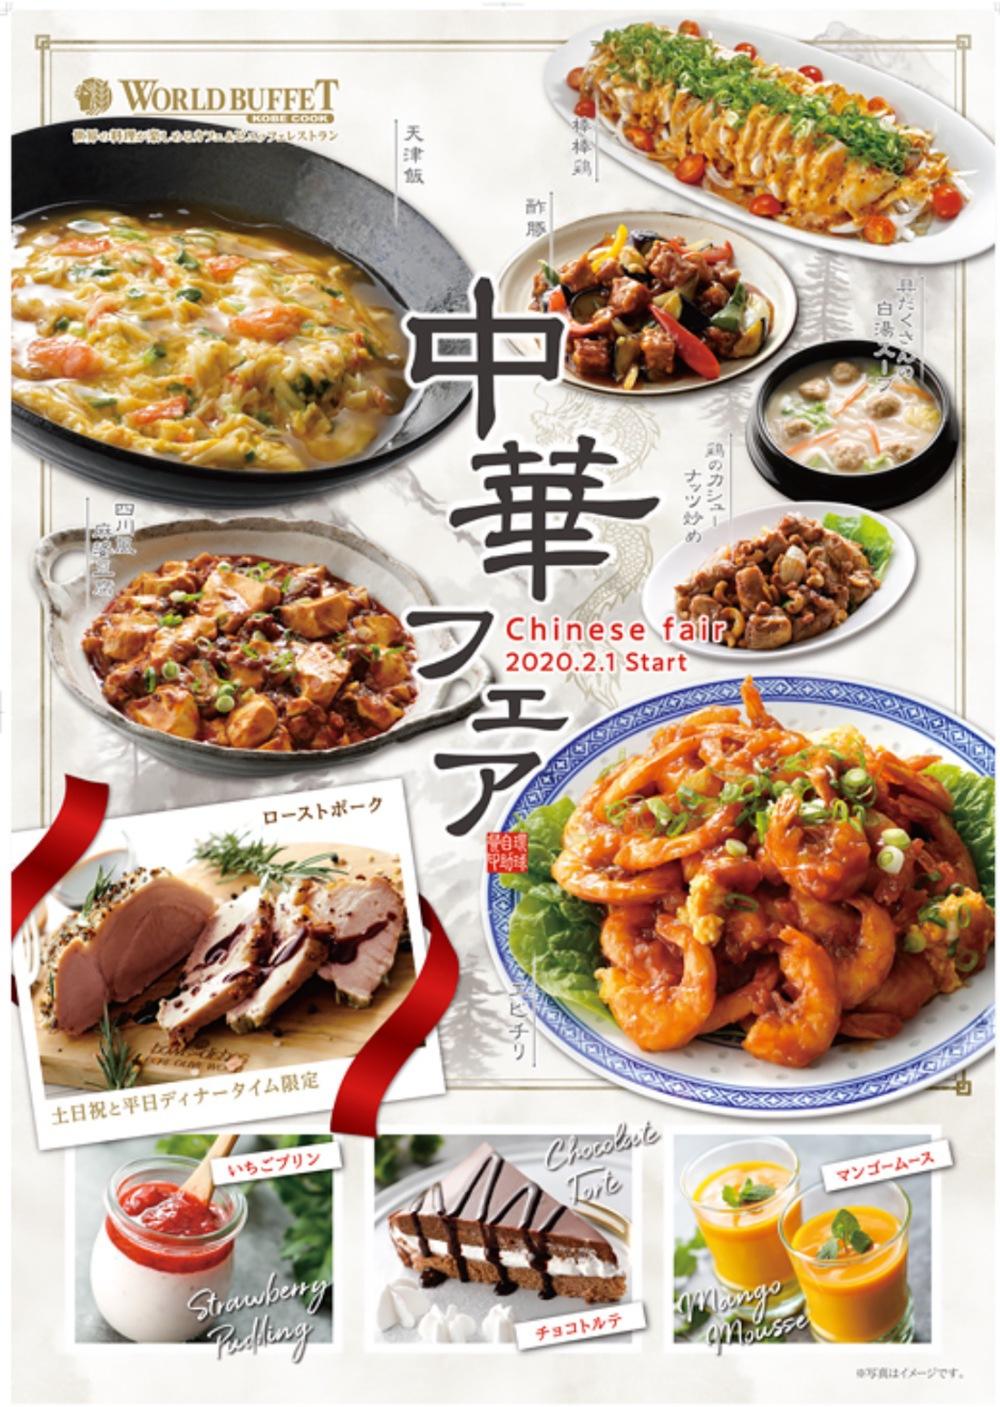 2月1日(土)から3月31日(火)まで、『中華フェア』を開催